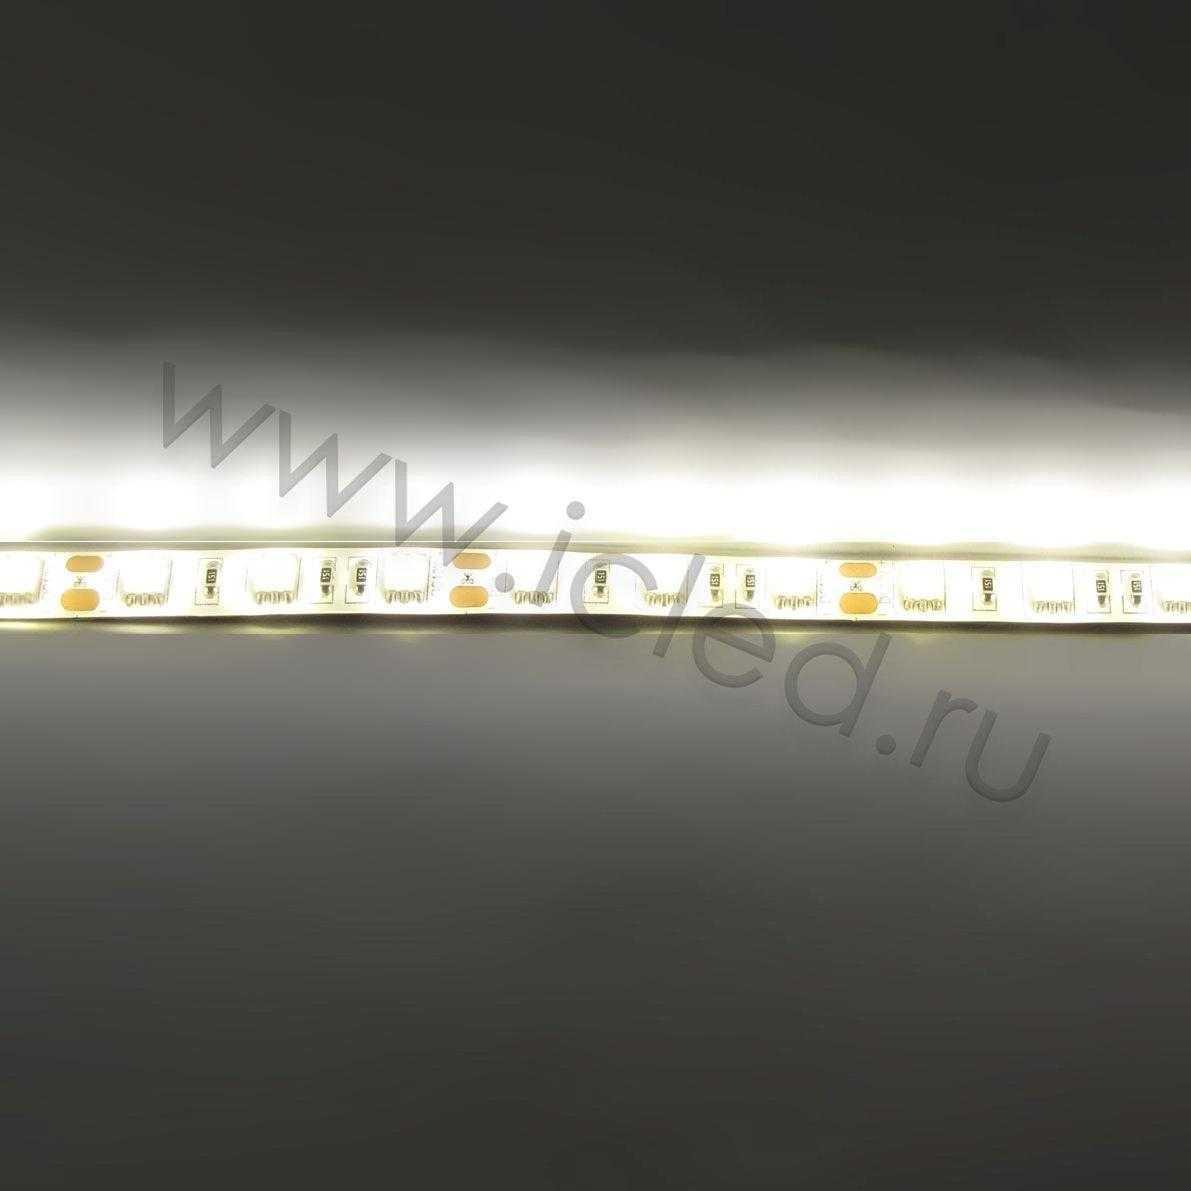 Светодиодная лента Econom class, 3528, 60led/m, Yellow, 12V, IP65